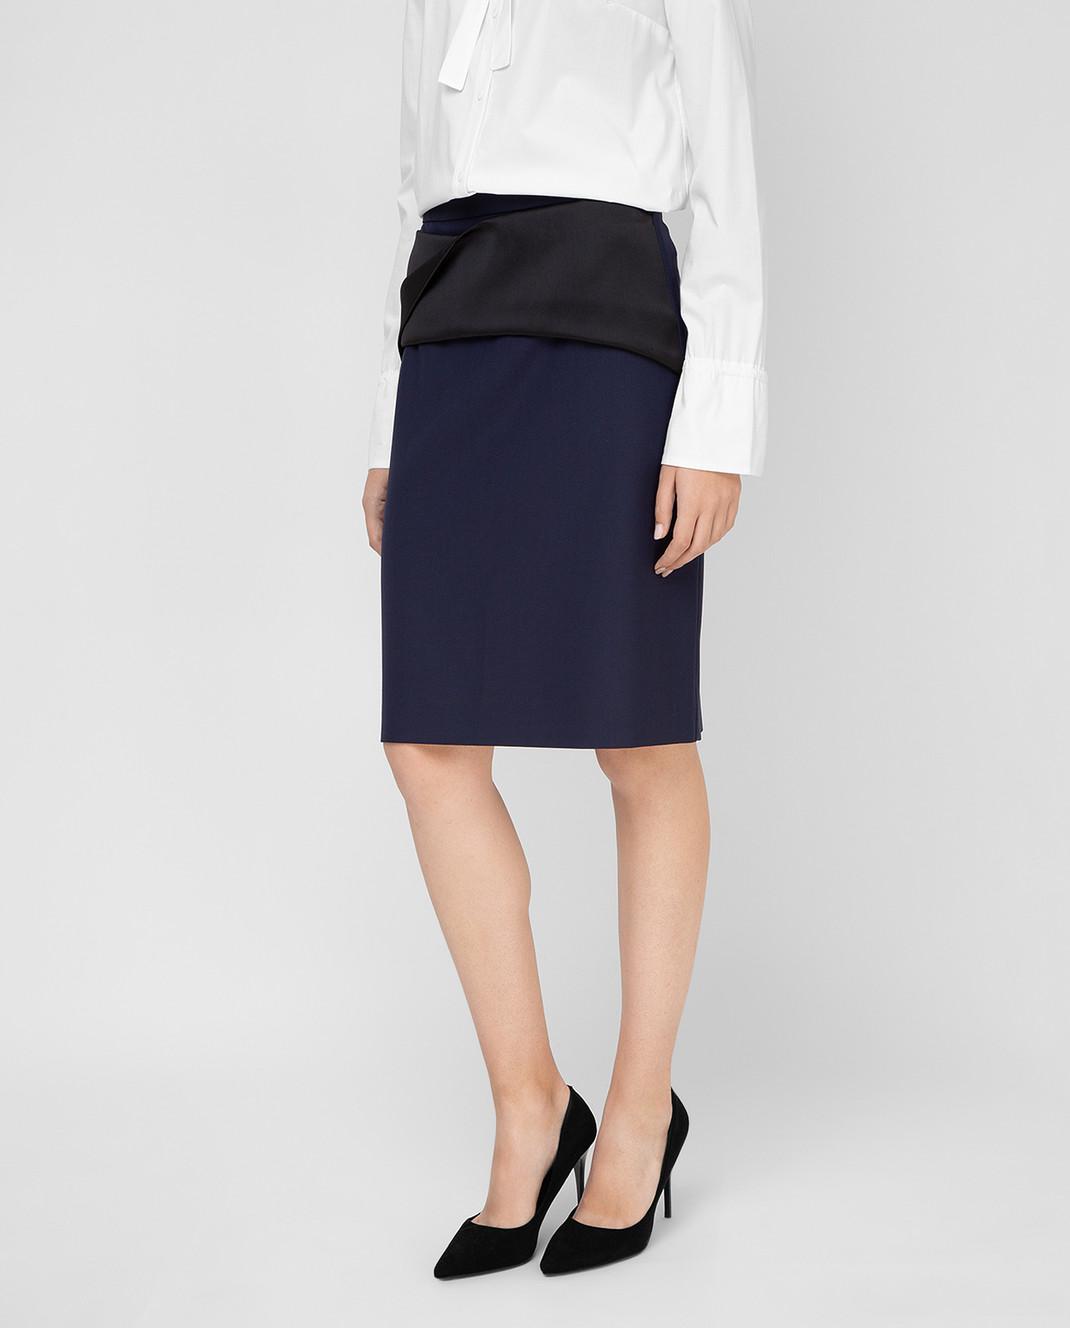 Balenciaga Темно-синяя юбка 373614 изображение 3